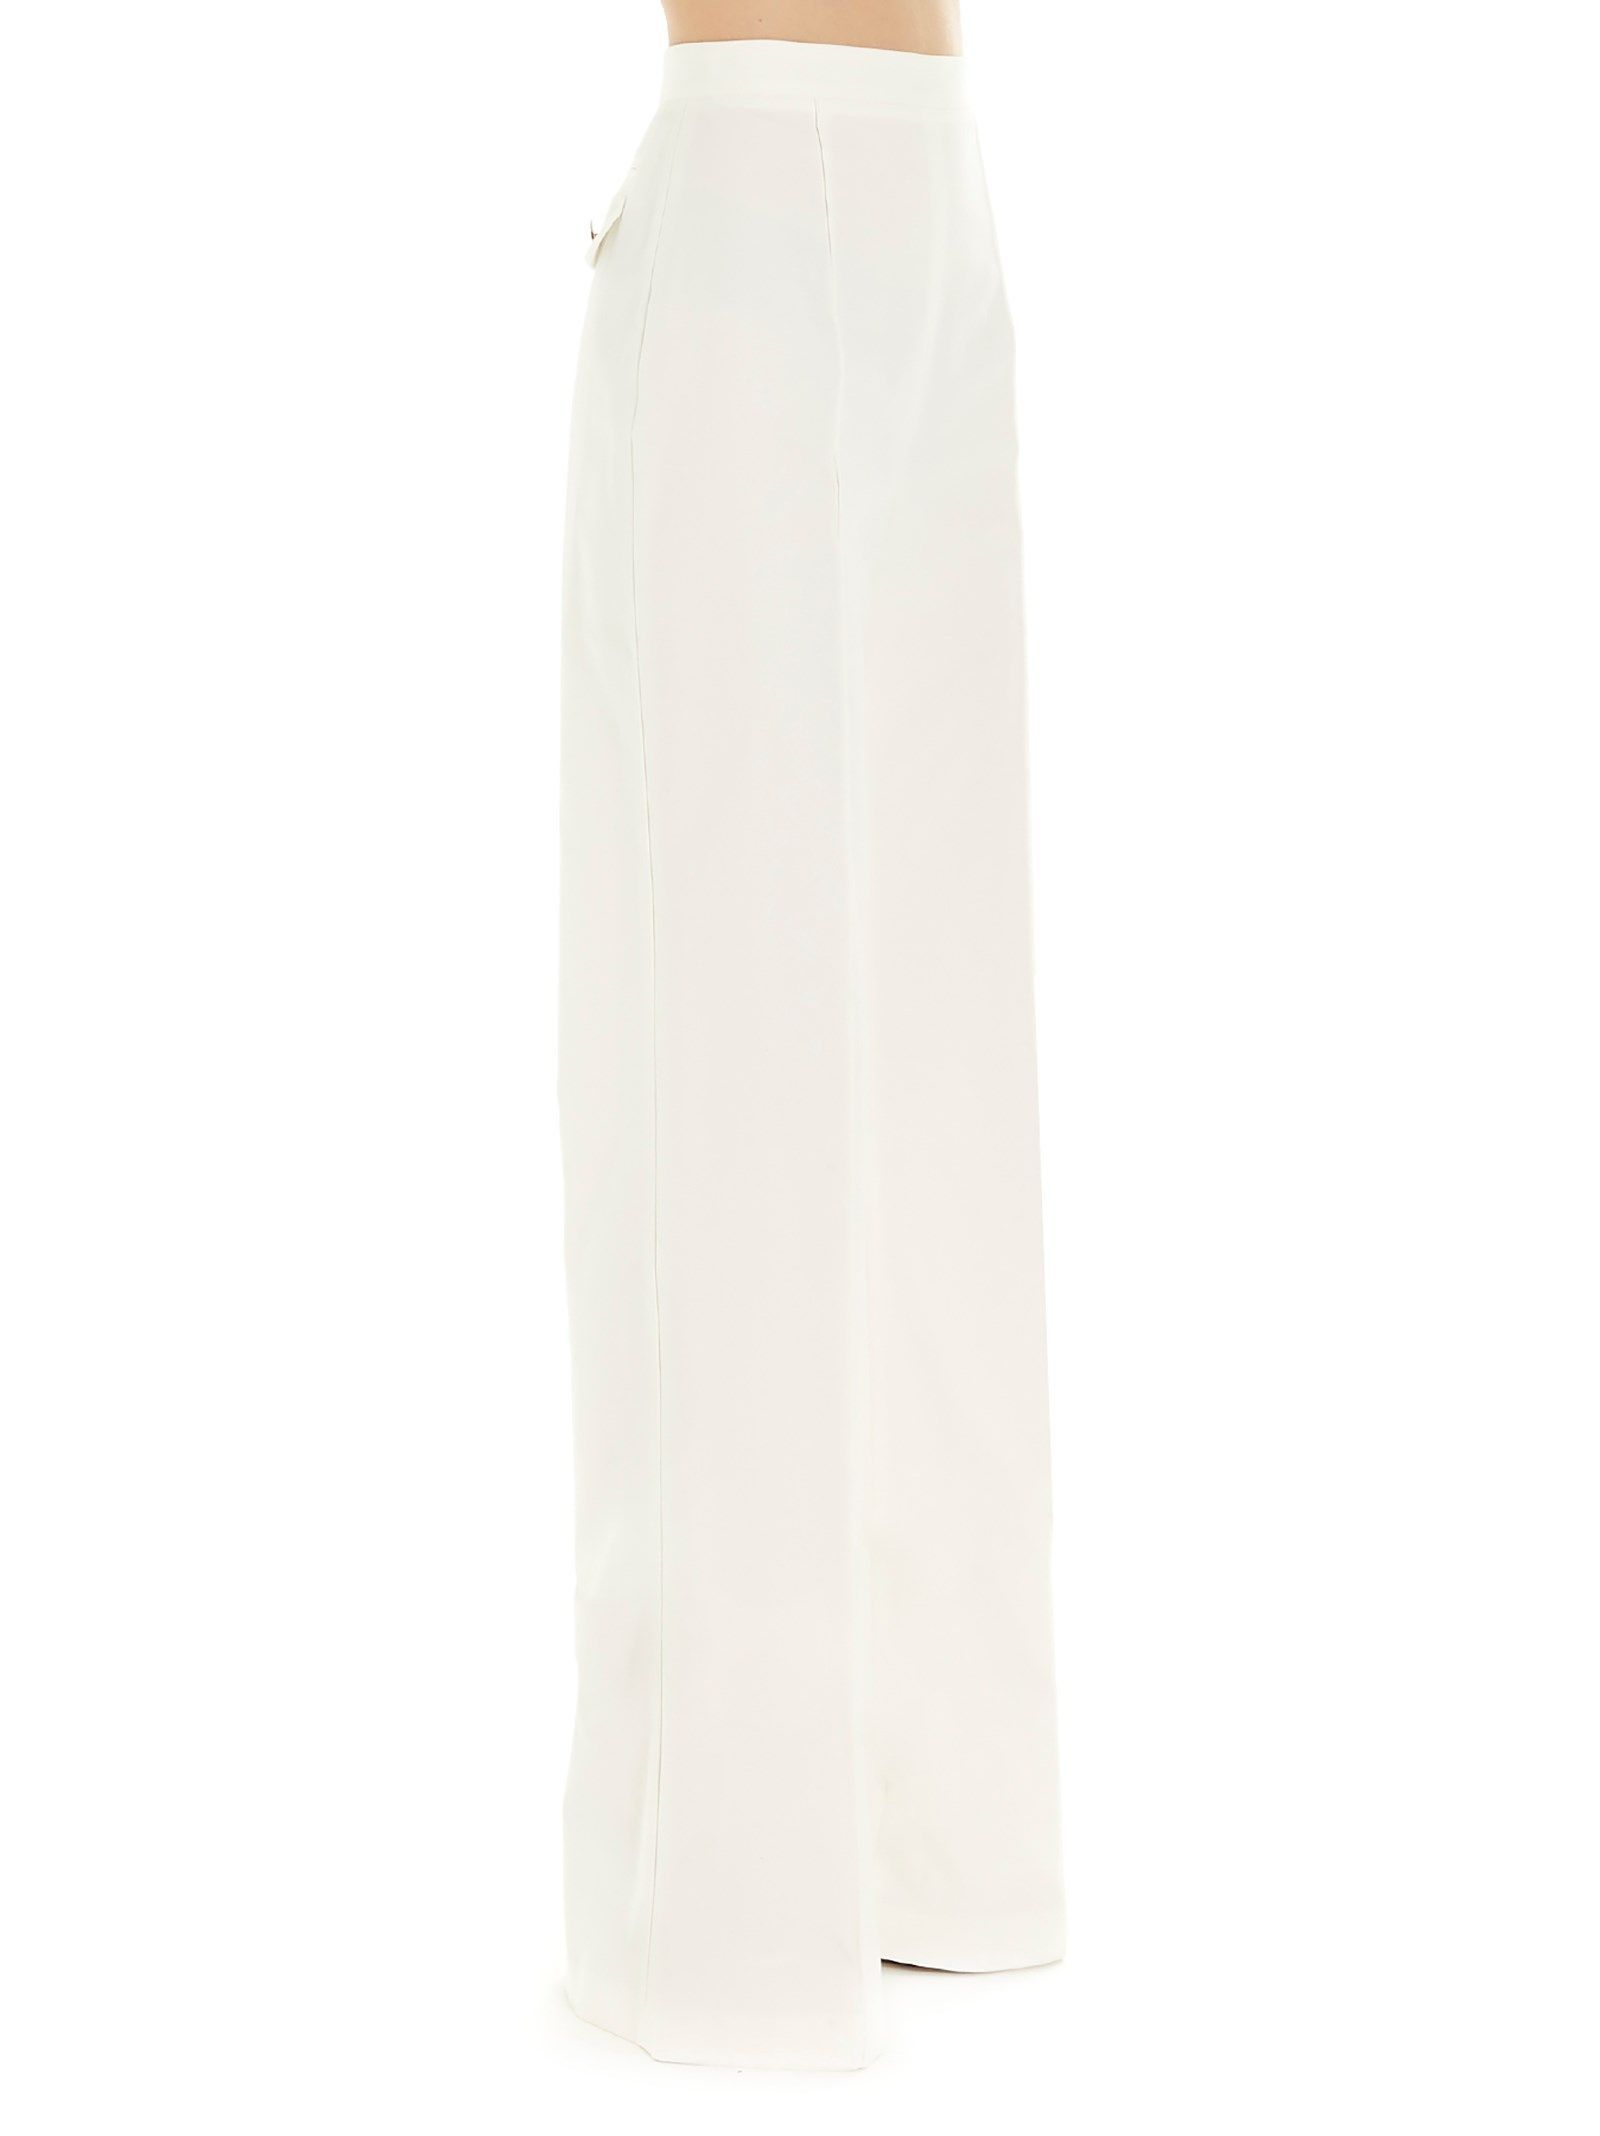 ELISABETTA FRANCHI WOMEN'S PA08001E2360 WHITE COTTON PANTS